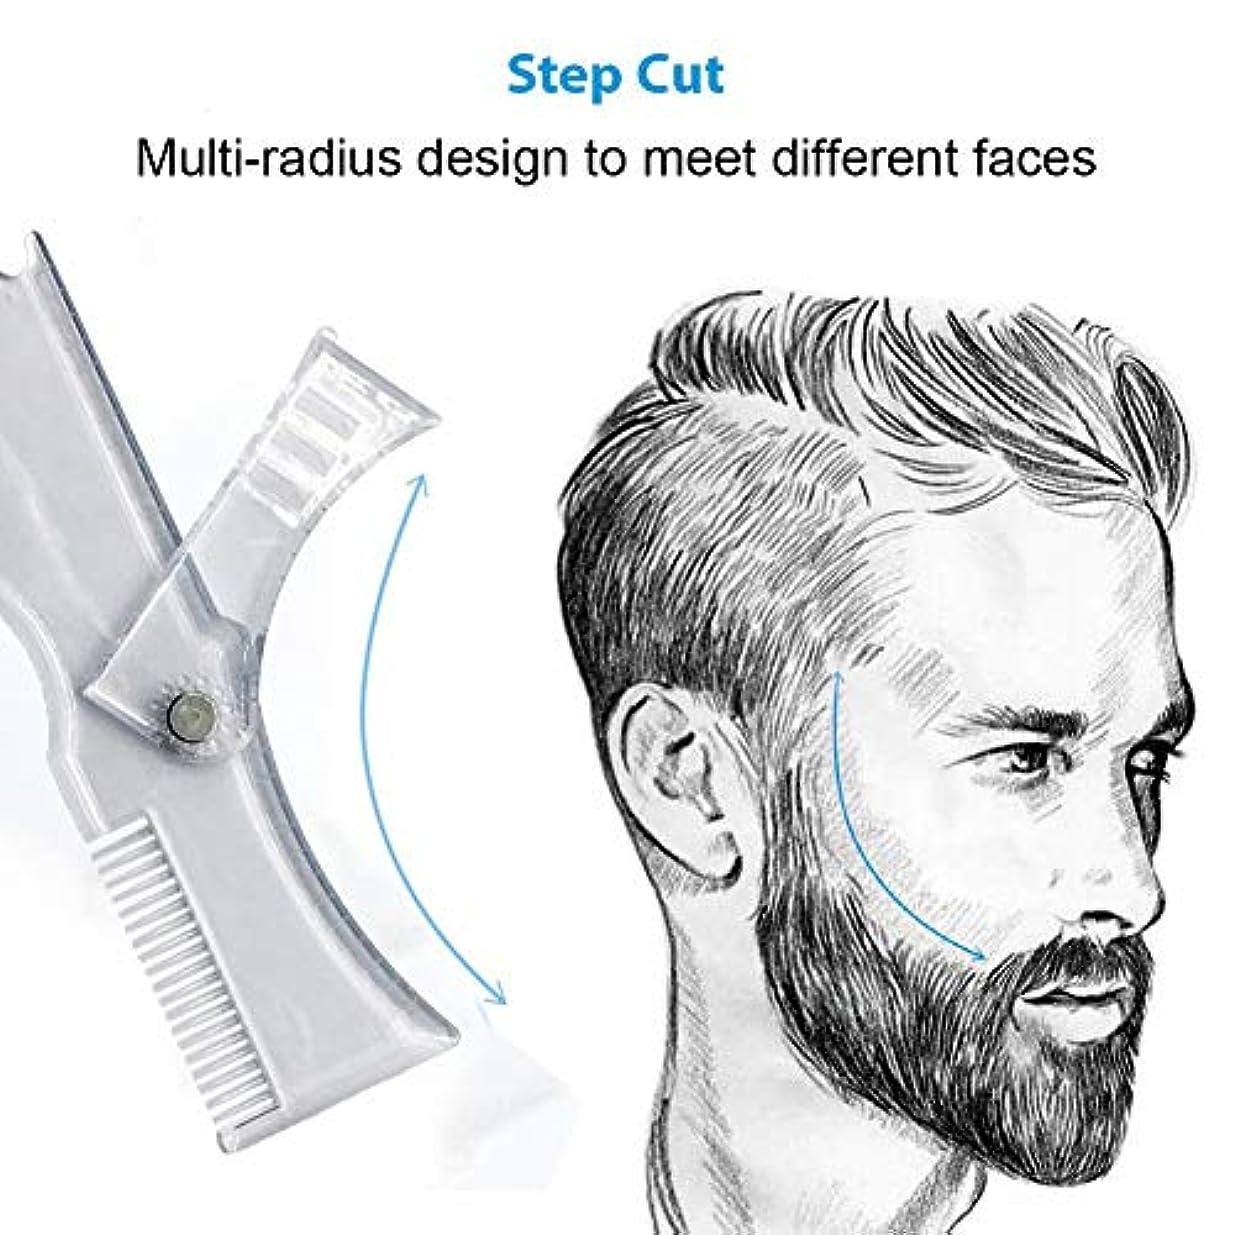 グリット活力違うACHICOO ひげ櫛 回転 ひげ ブラシ 形状テンプレート 櫛 調整可能 スタイリング 角度 モデリング 理髪ツール 男性 メンズ